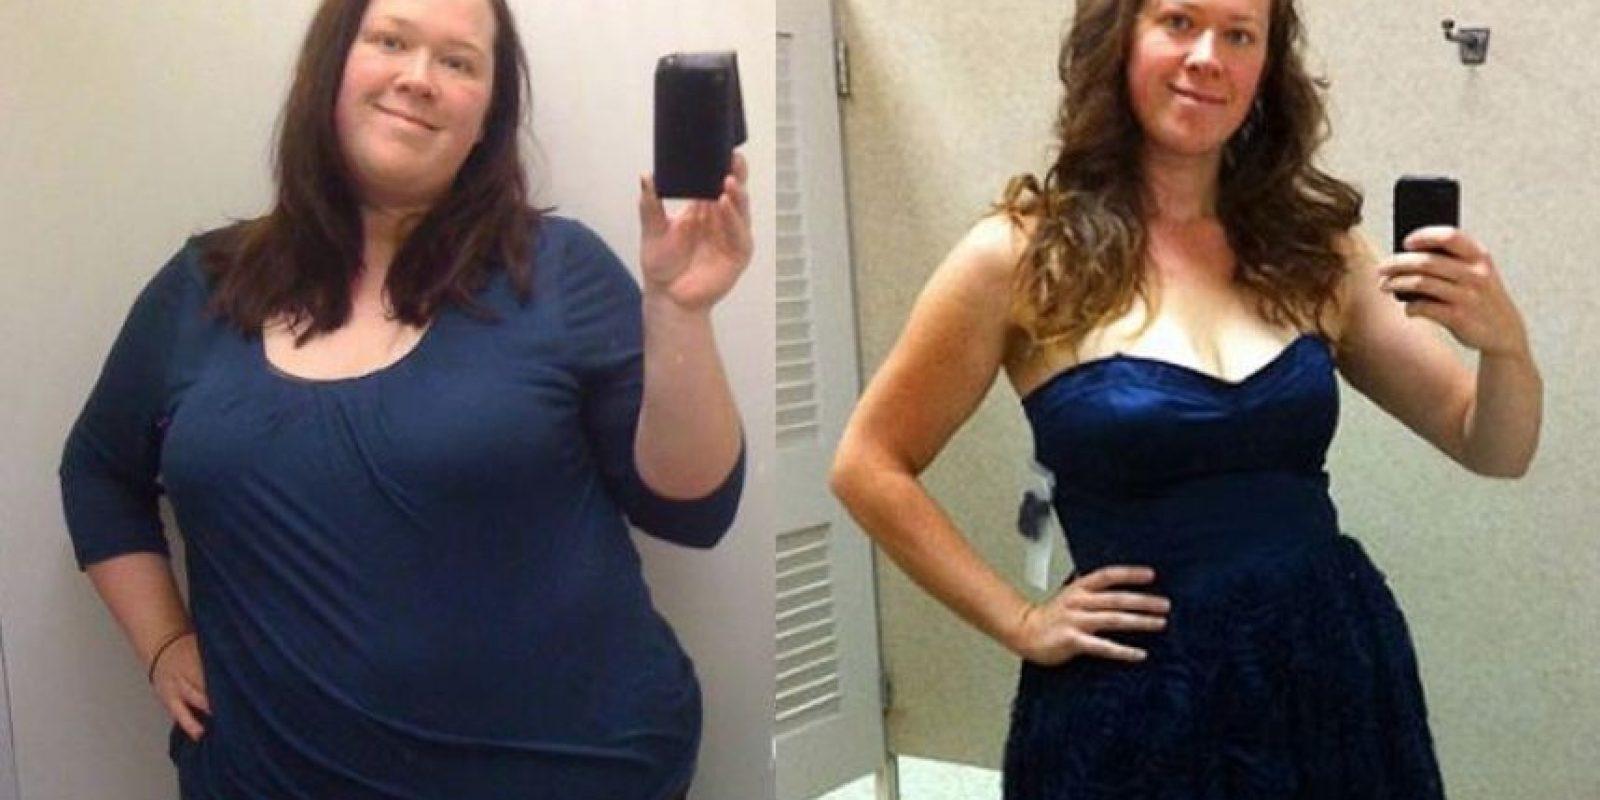 Julia pesando 153 kilos en 2009 y actualmente, pesando 80. Foto: Juliakozerski